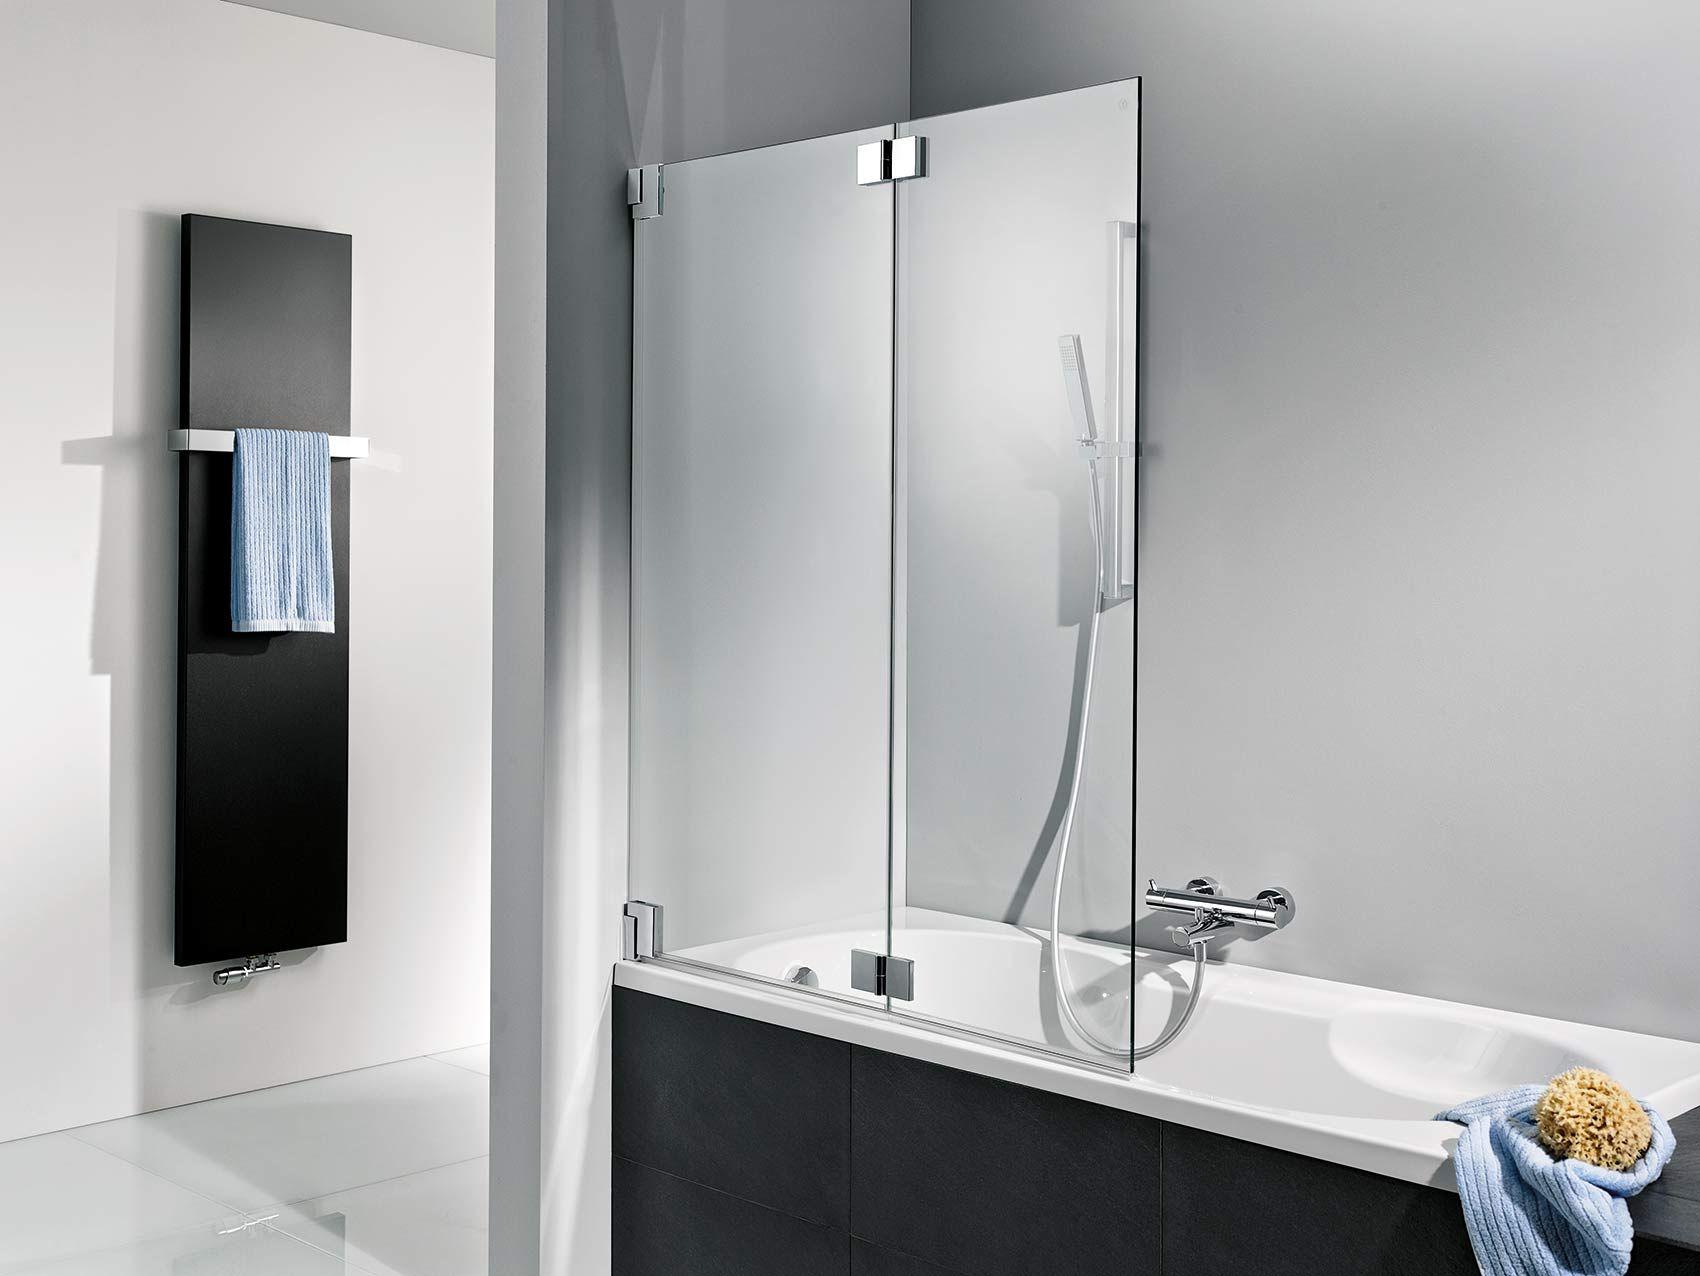 Duschabtrennung Badewanne Top Losungen Von Hsk Badewanne Glaswand Duschbadewanne Duschabtrennung